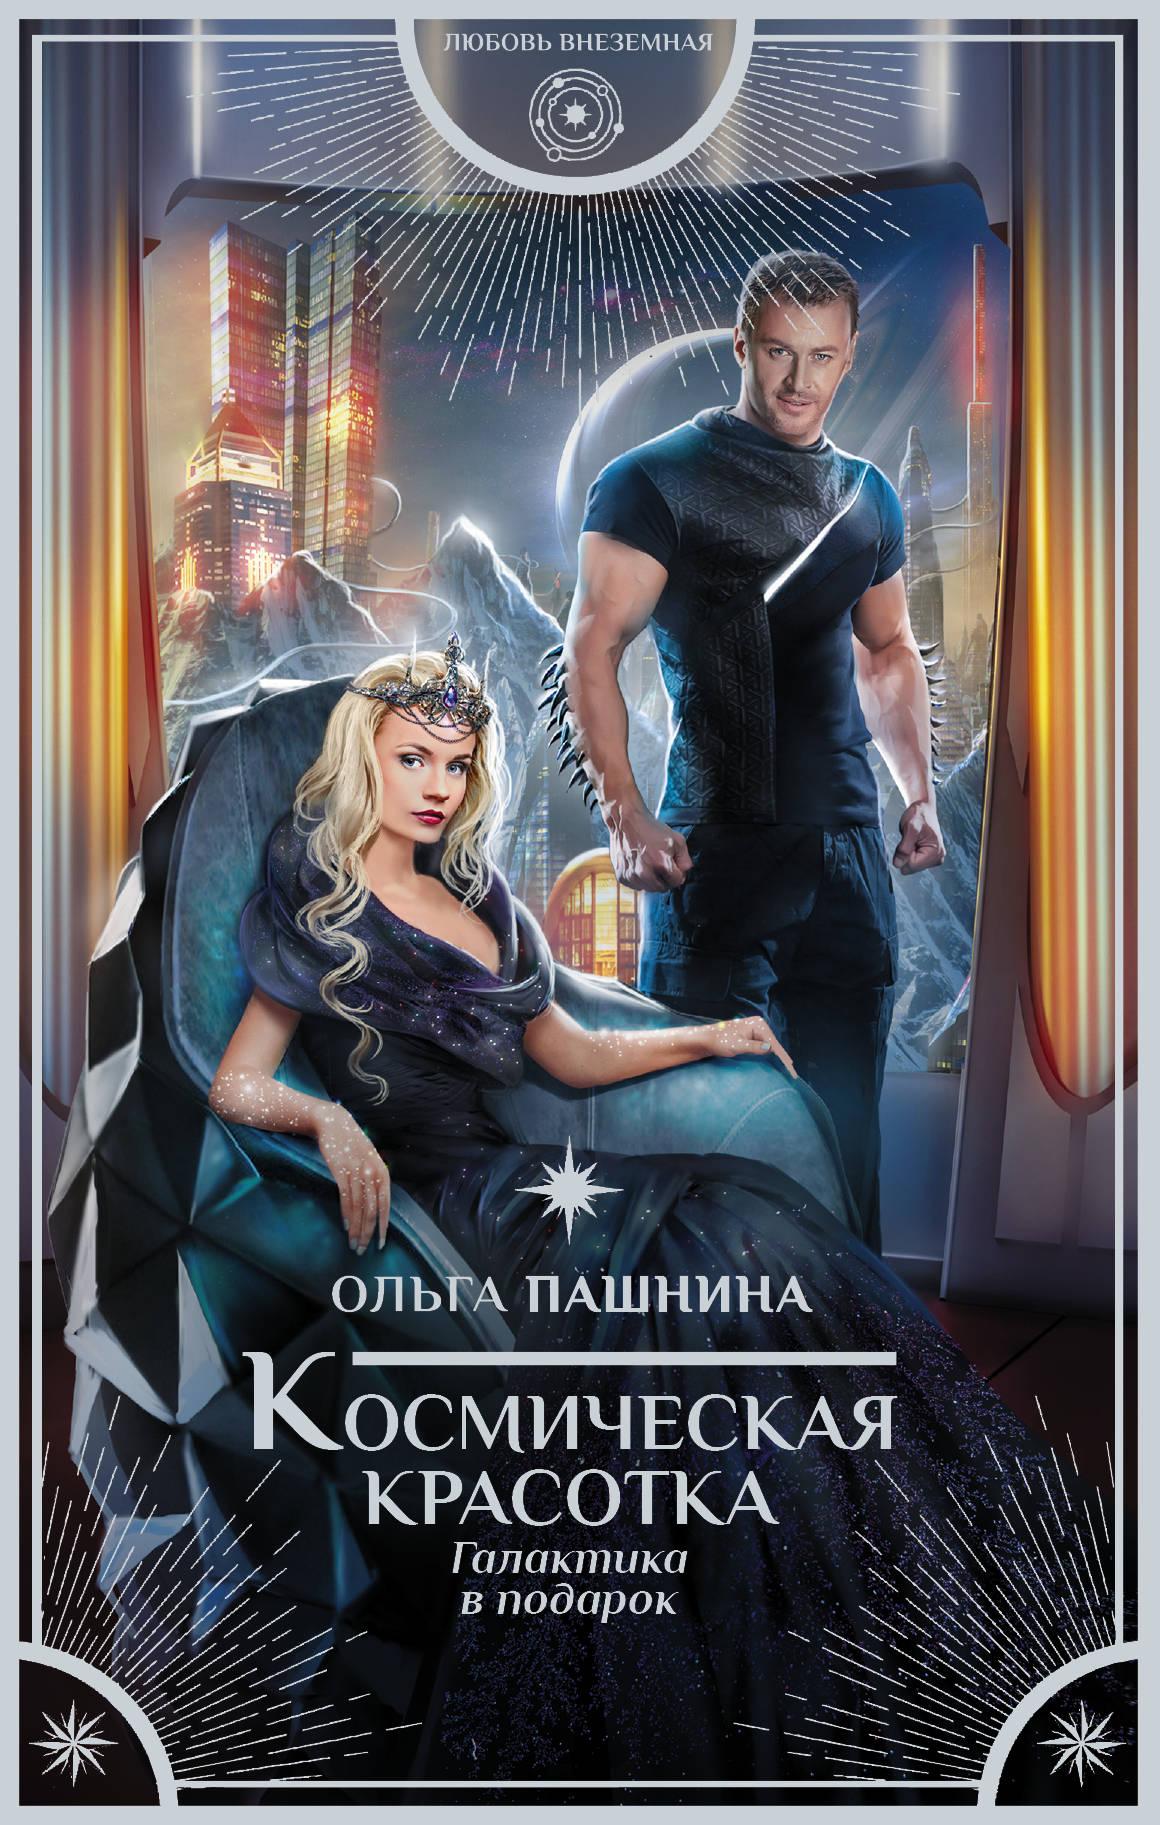 Ольга Пашнин Космическая красотка. Галактика в подарок